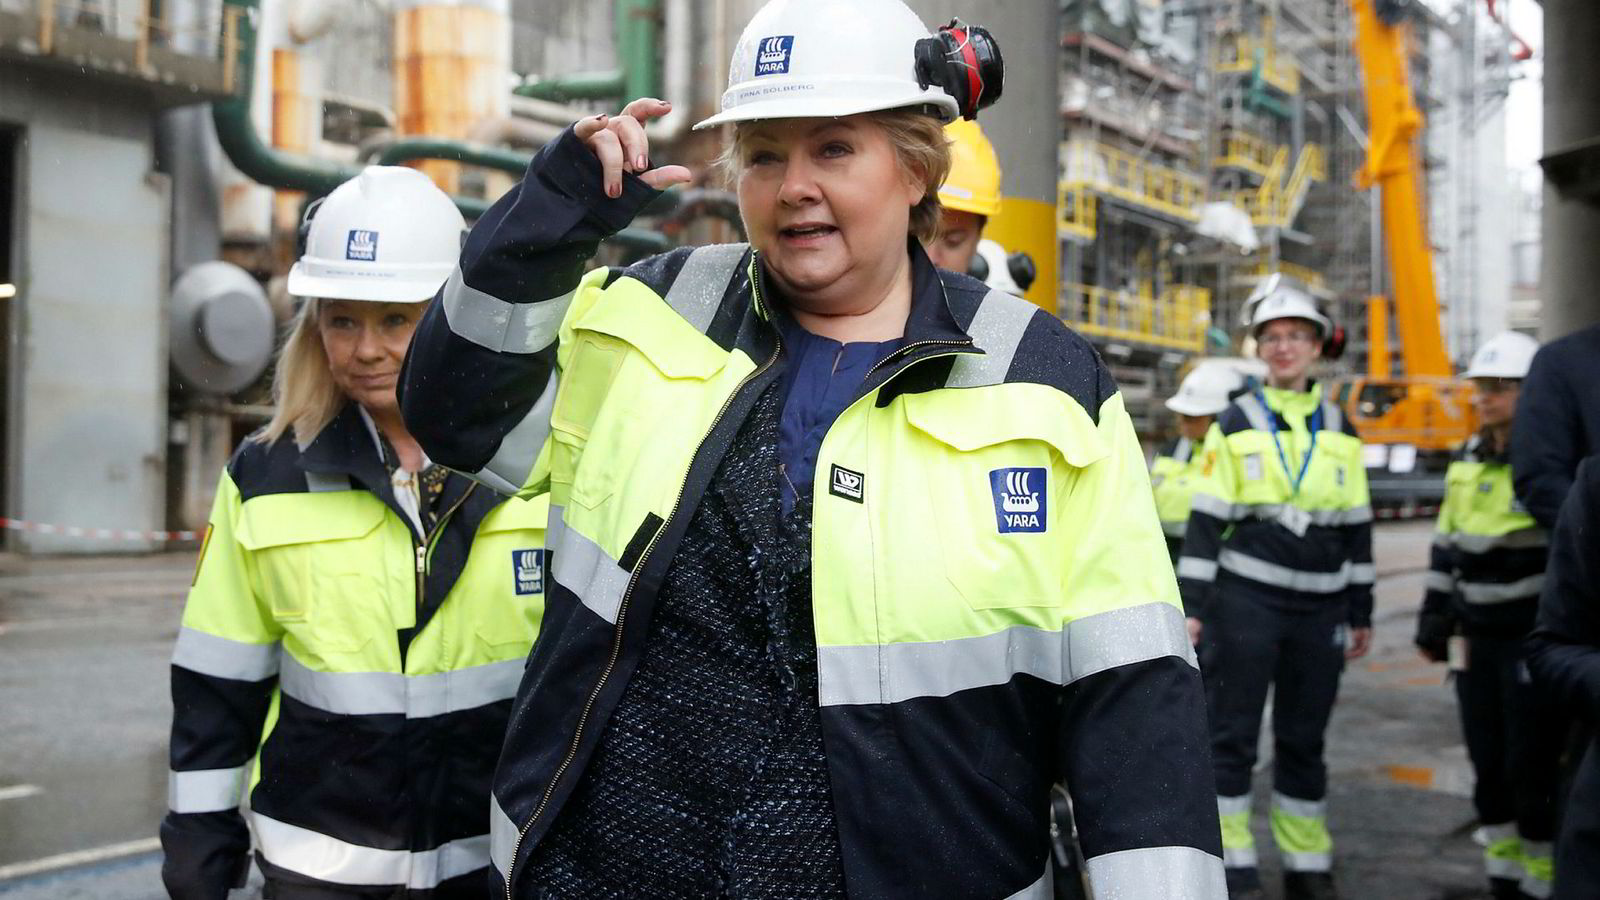 Statsminister Erna Solberg og næringsminister Monica Mæland presenterte regjeringens industrimelding på Yaras anlegg på Herøya. Foto: Cornelius Poppe/NTB Scanpix